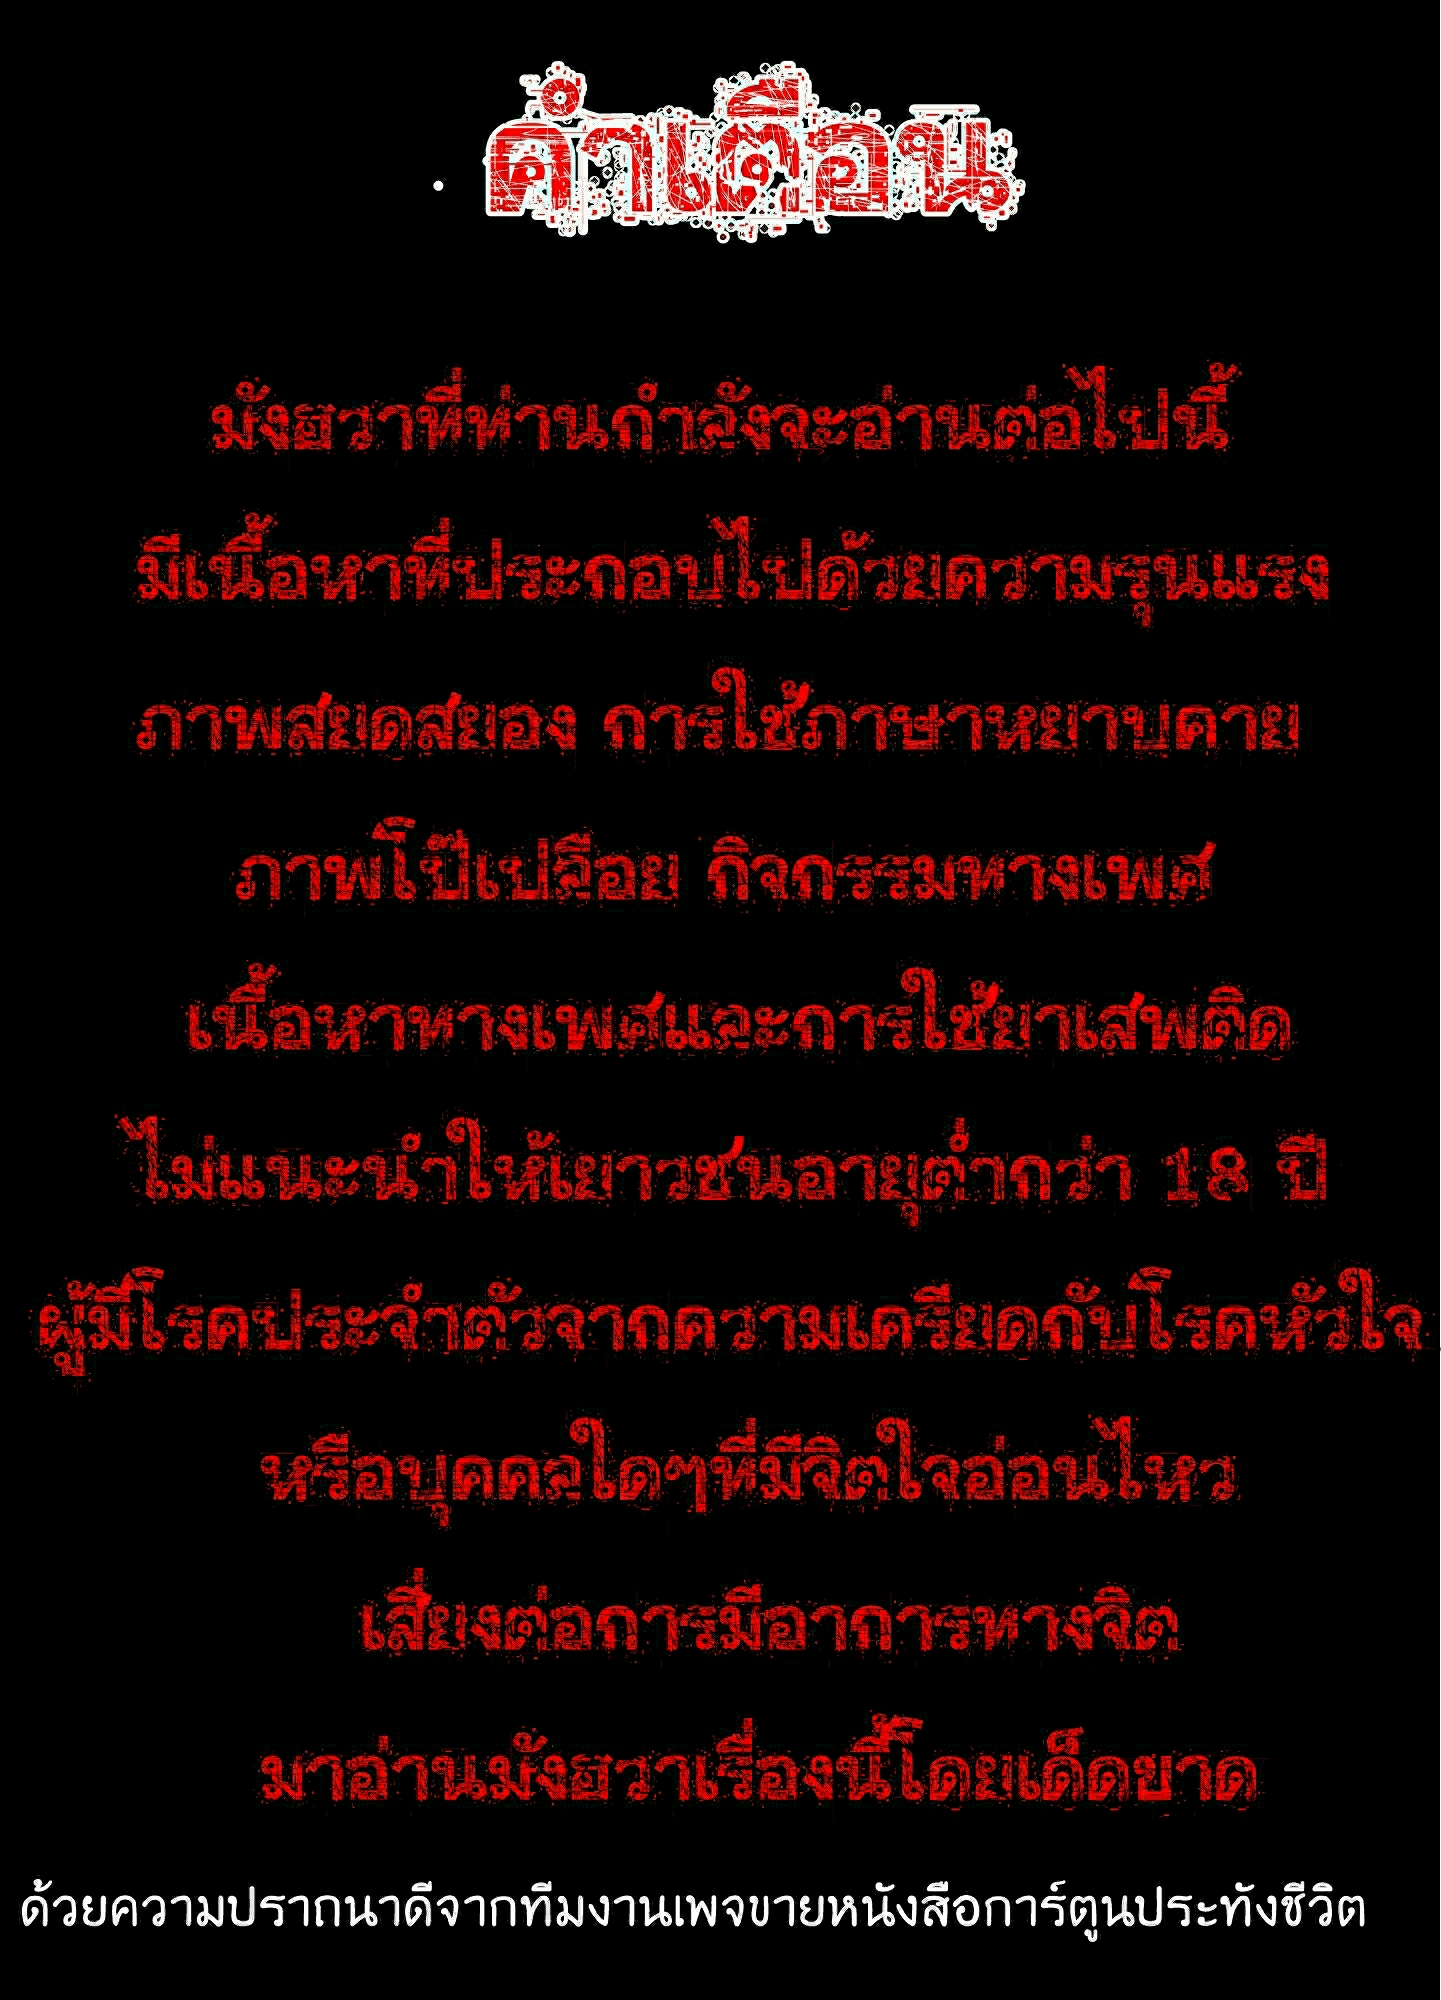 ควีน บี 2